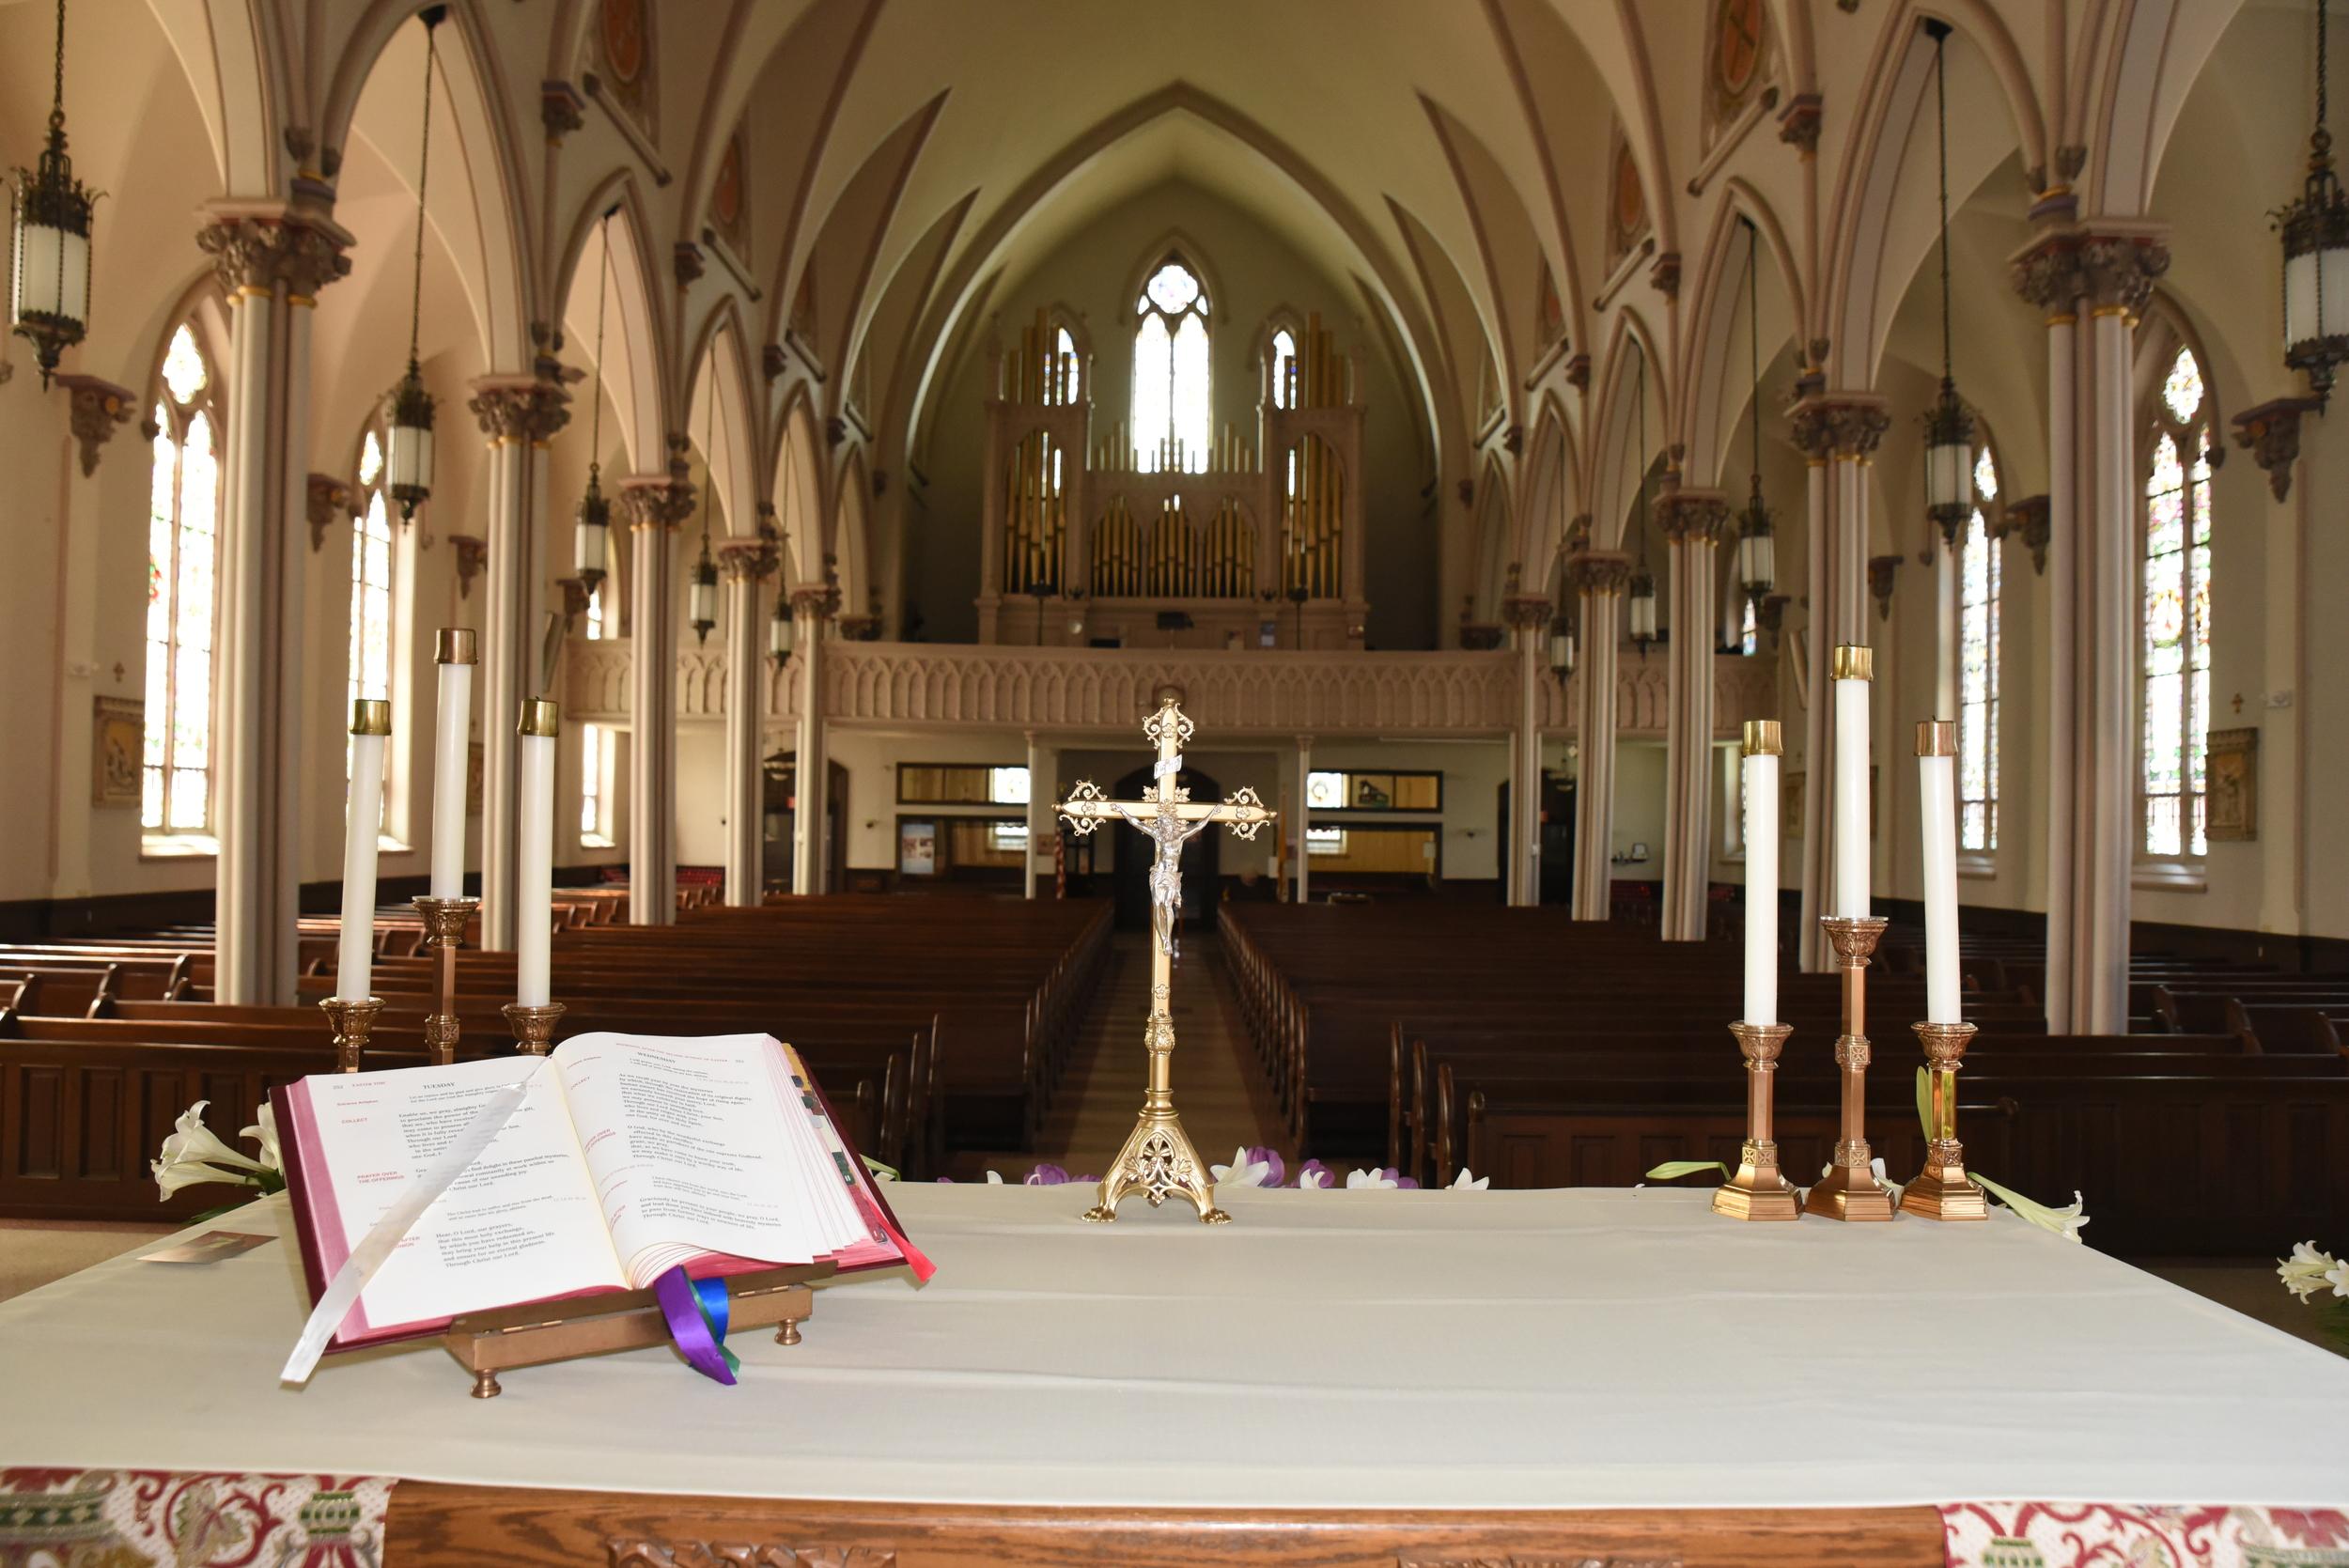 Saint Joseph Church Fall River Altar View